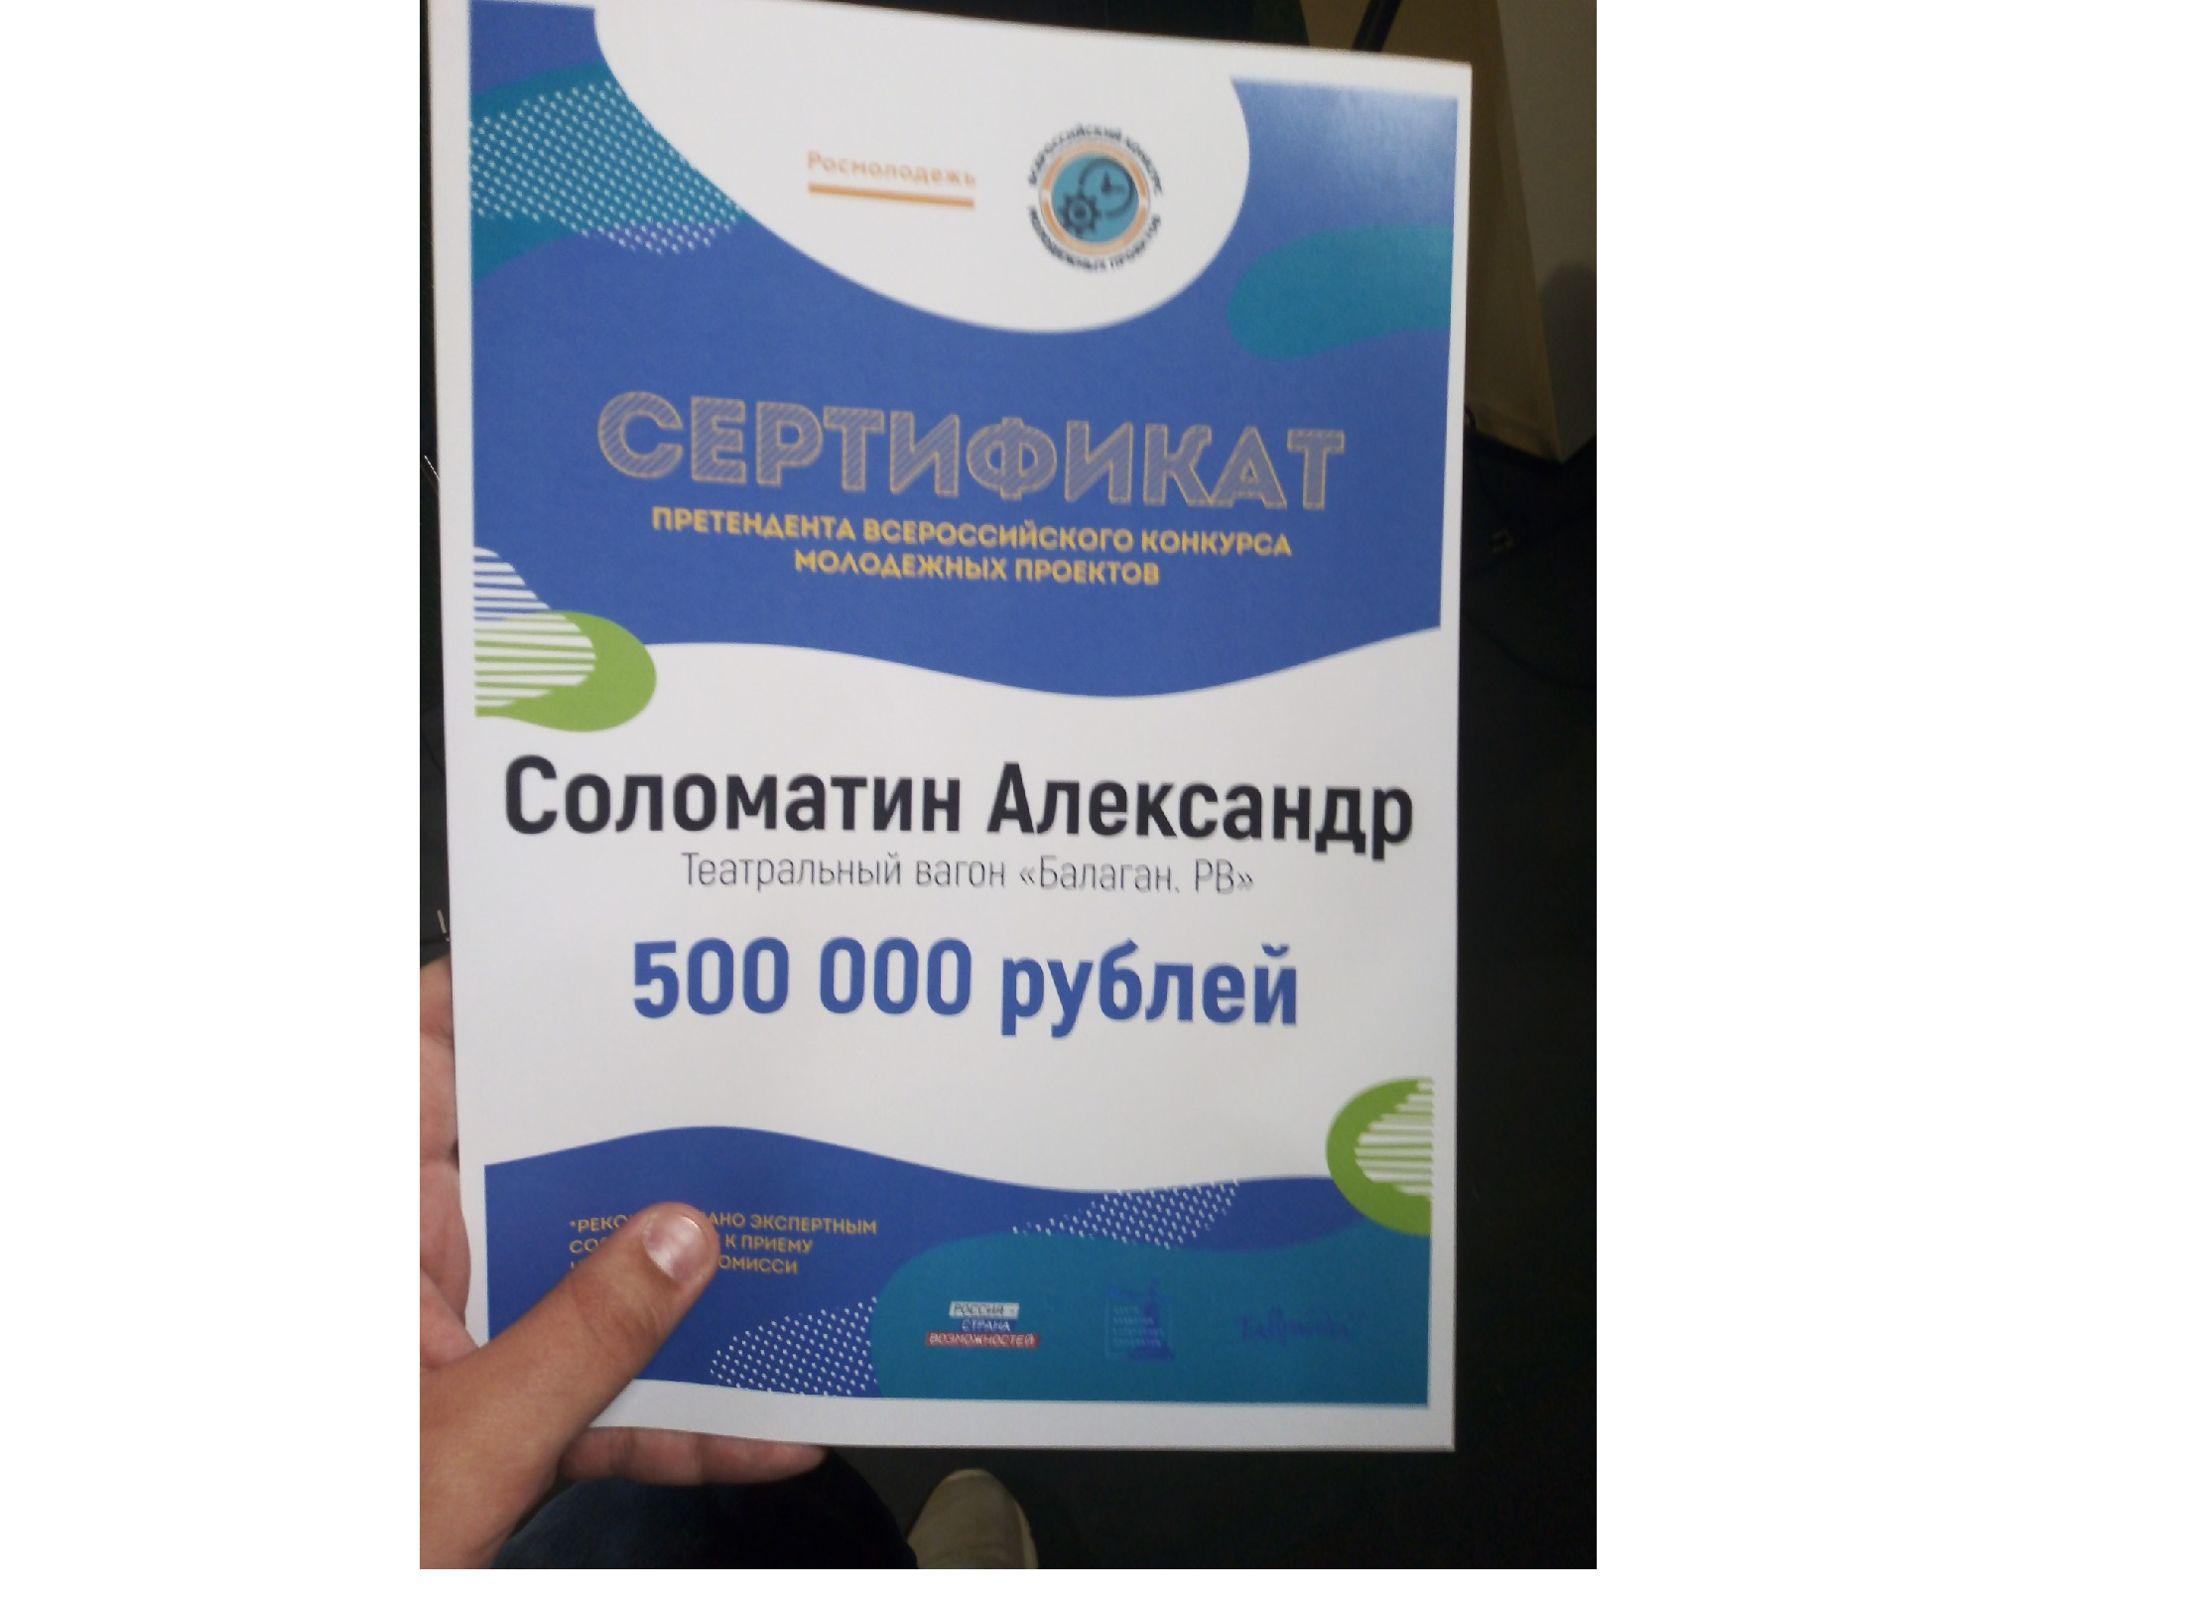 Житель Ярославской области выиграл полмиллиона рублей на свой творческий проект